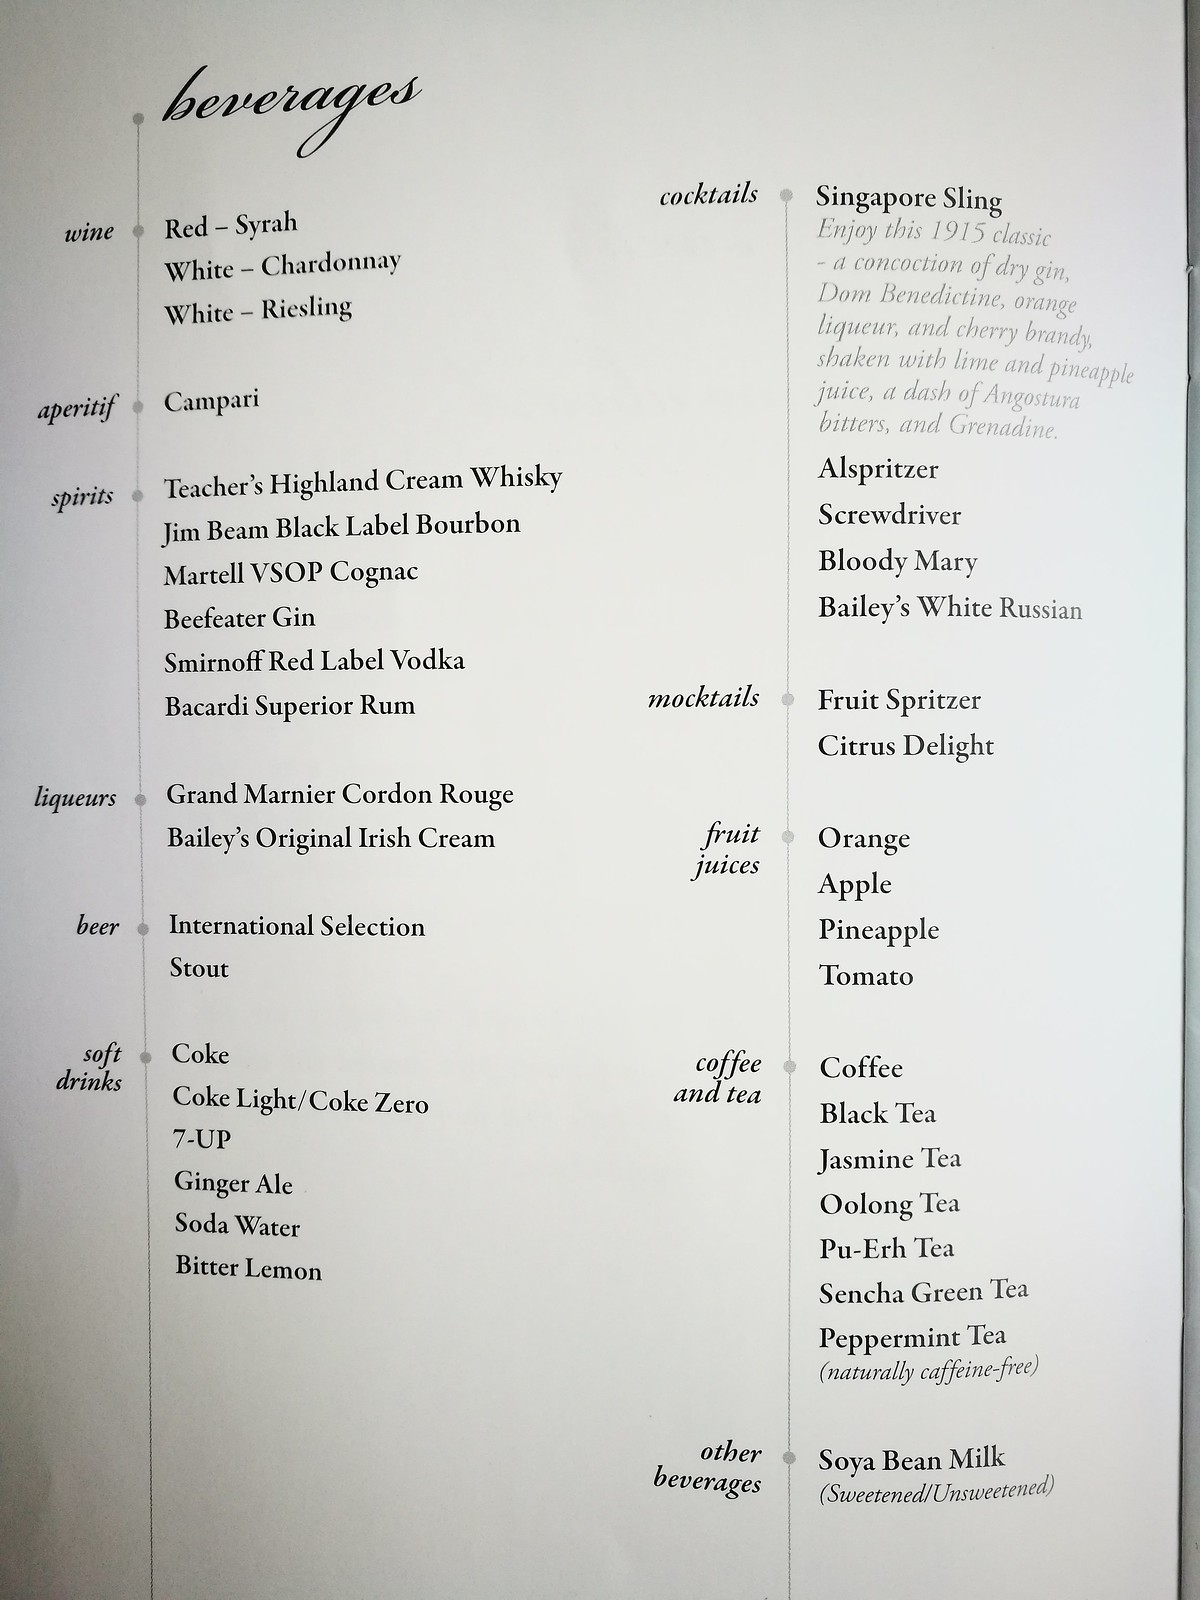 Beverage list